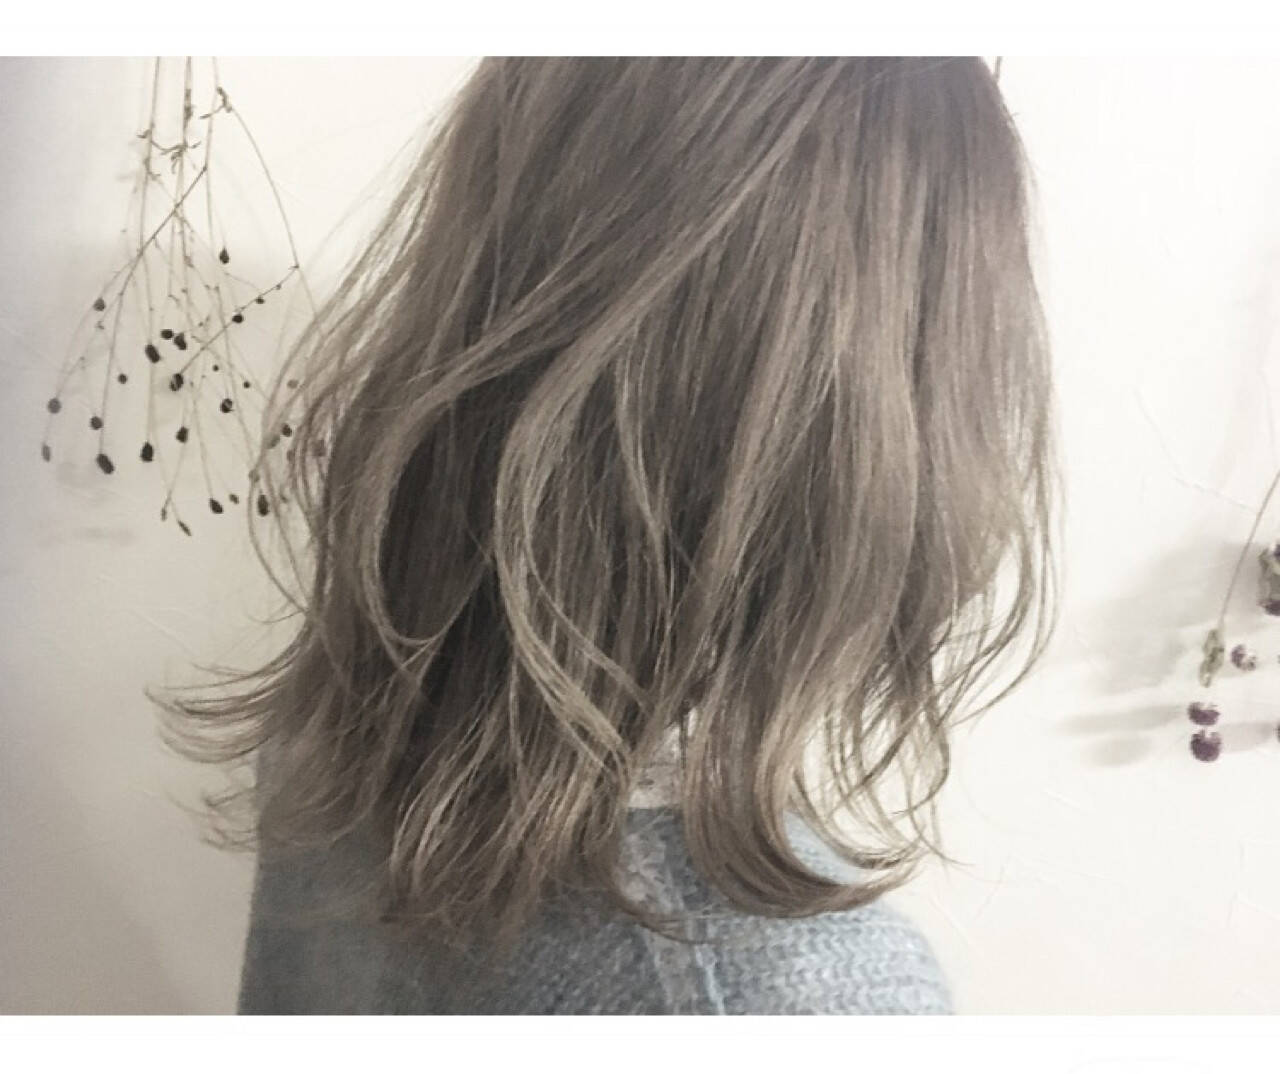 マッシュ アッシュ ミルクティー グレージュヘアスタイルや髪型の写真・画像